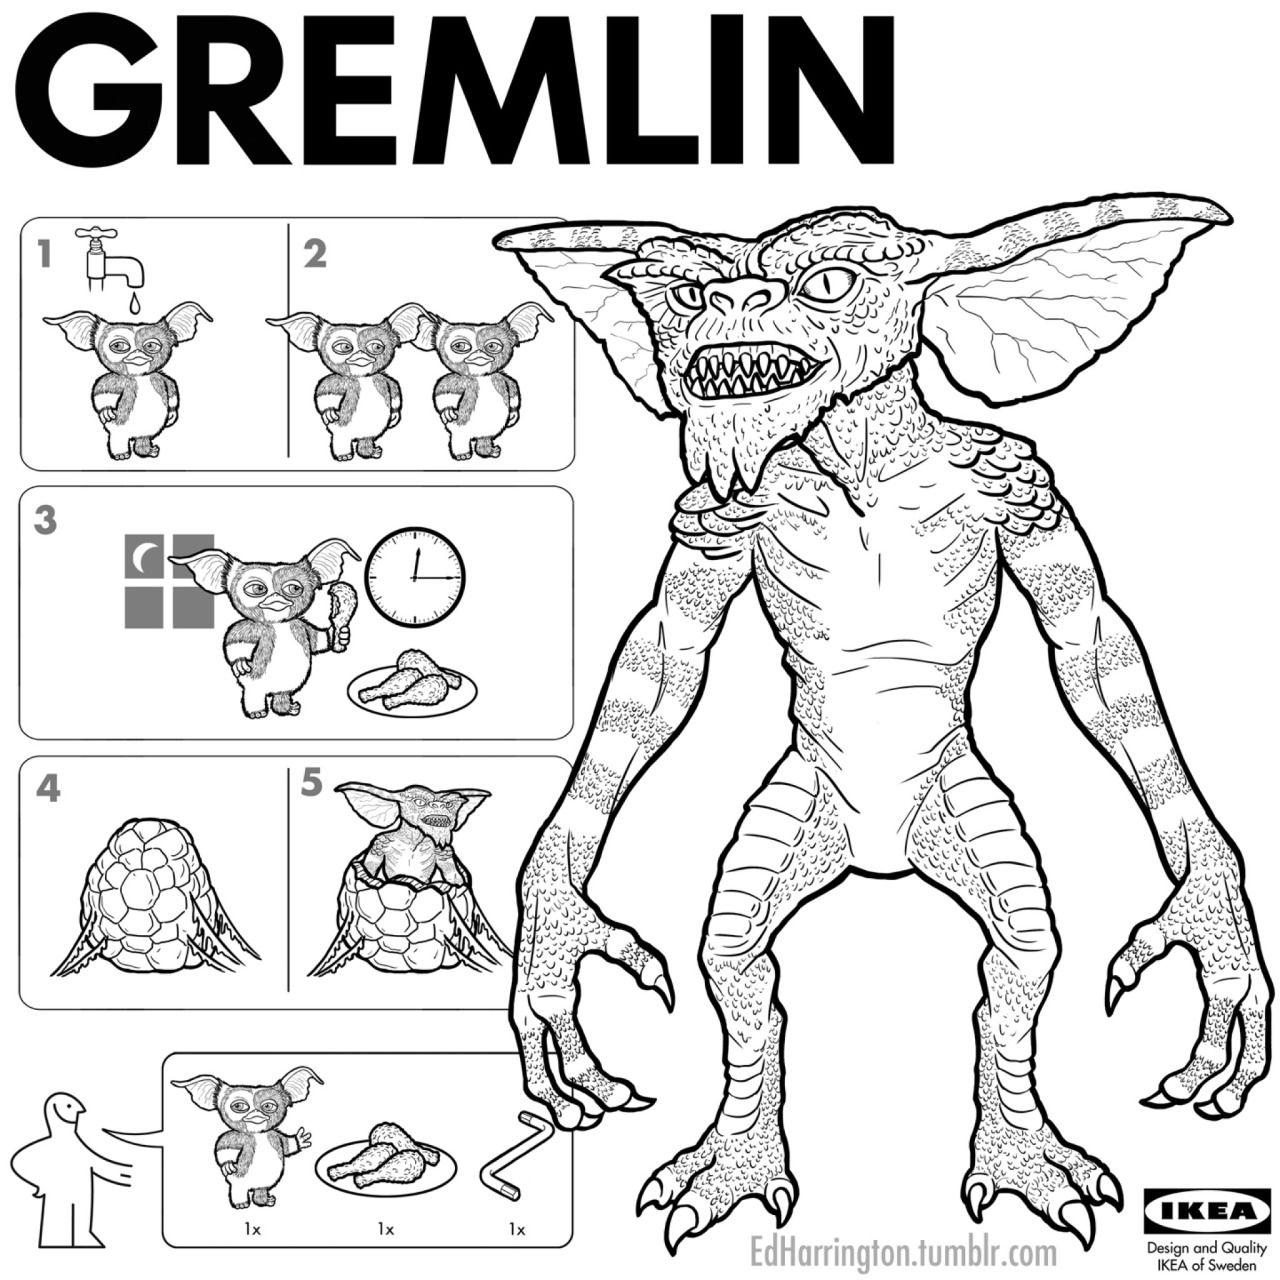 Gremlin Ikea Instructions By Ed Harrington